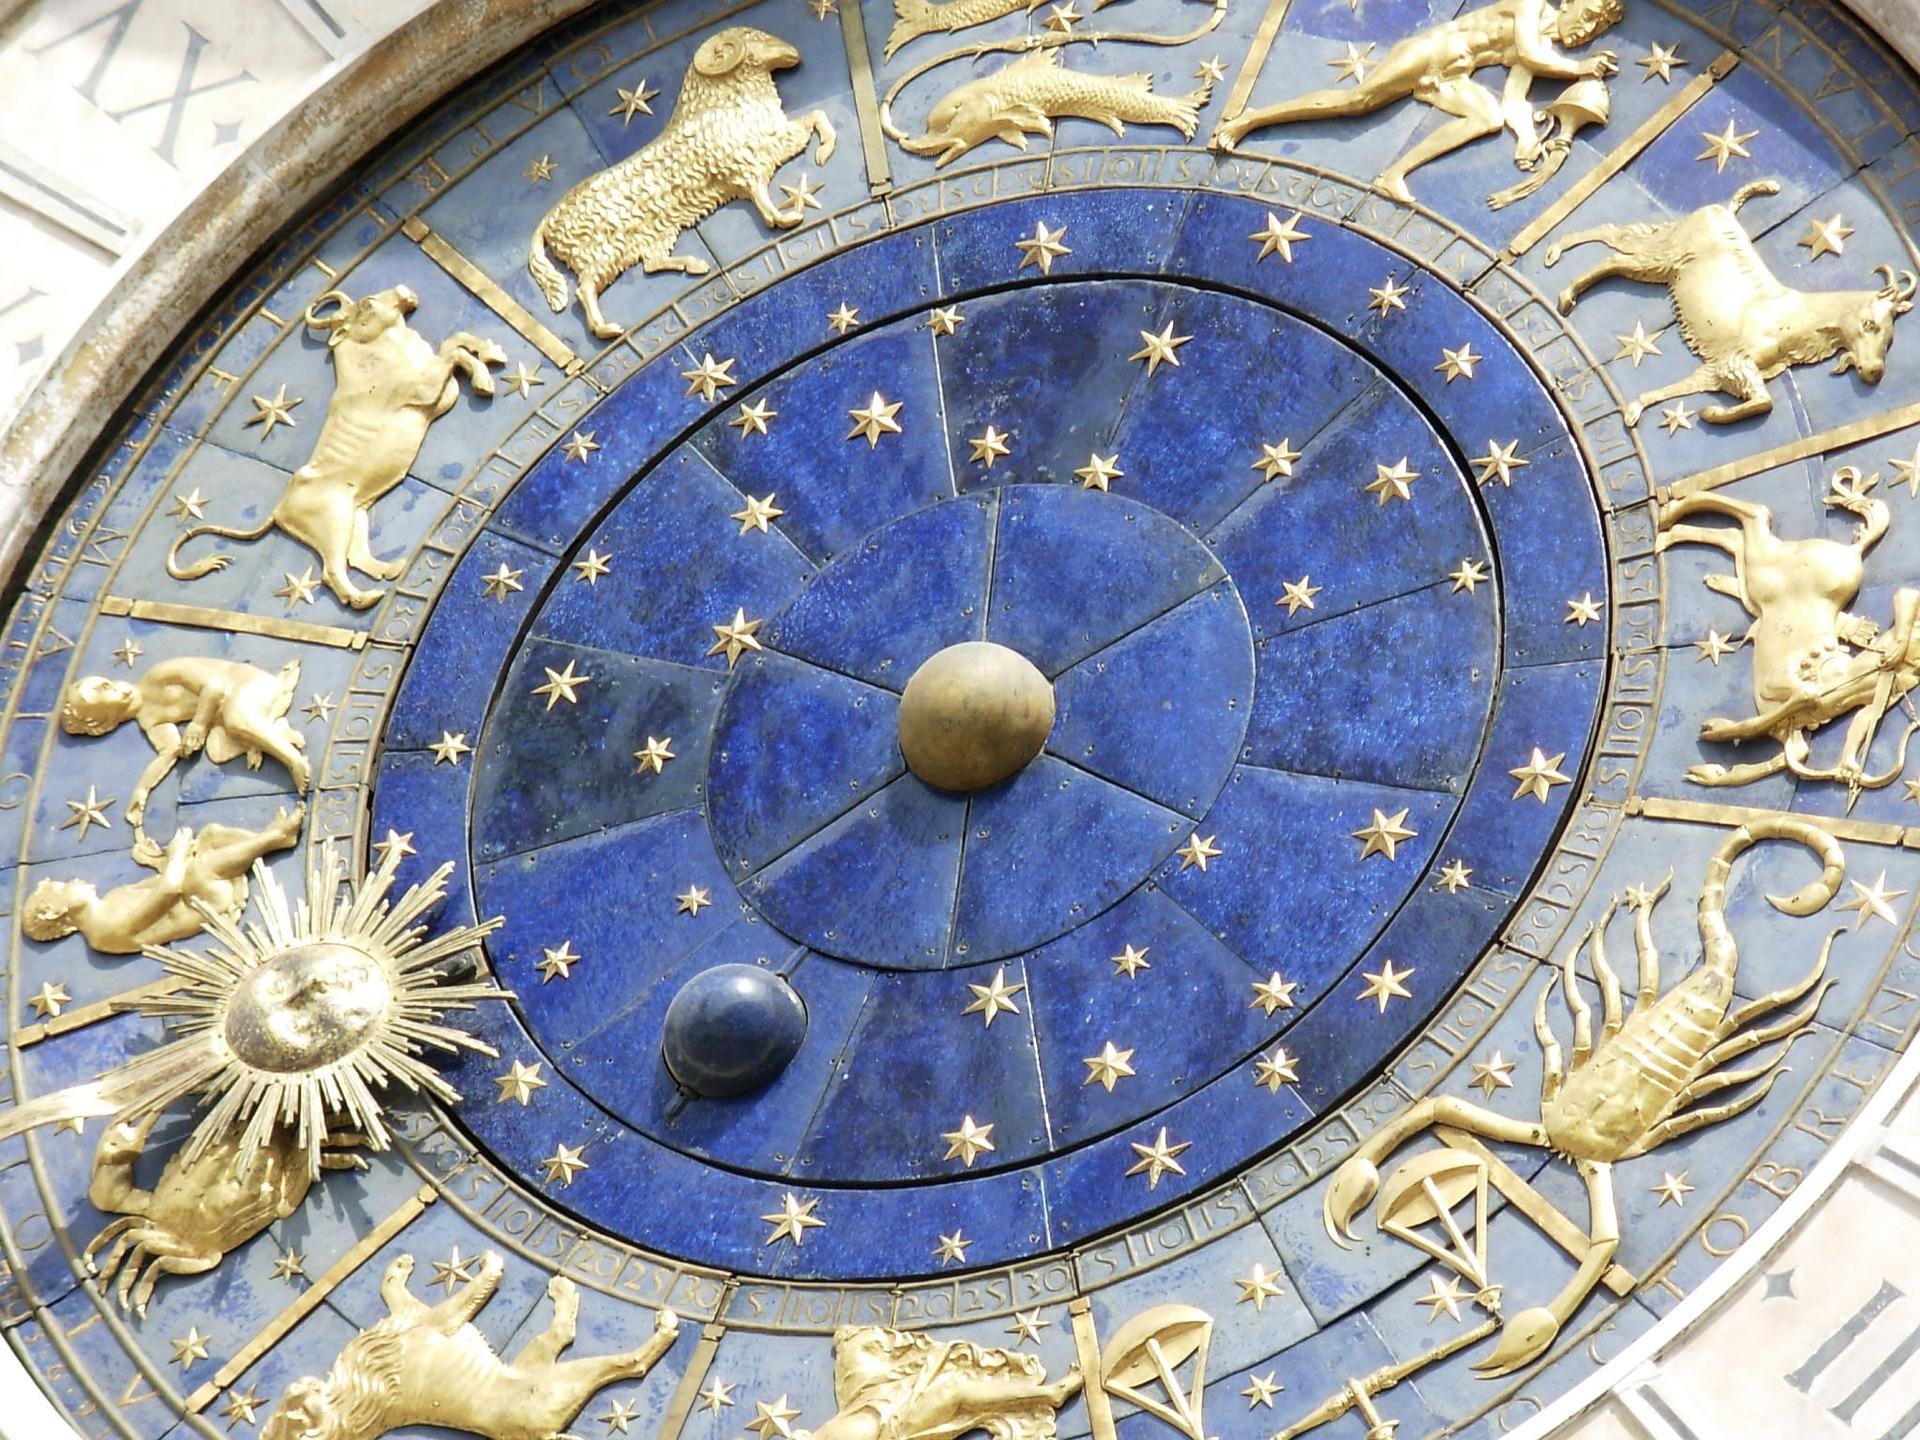 Finansijski horoskop za 2018. godinu